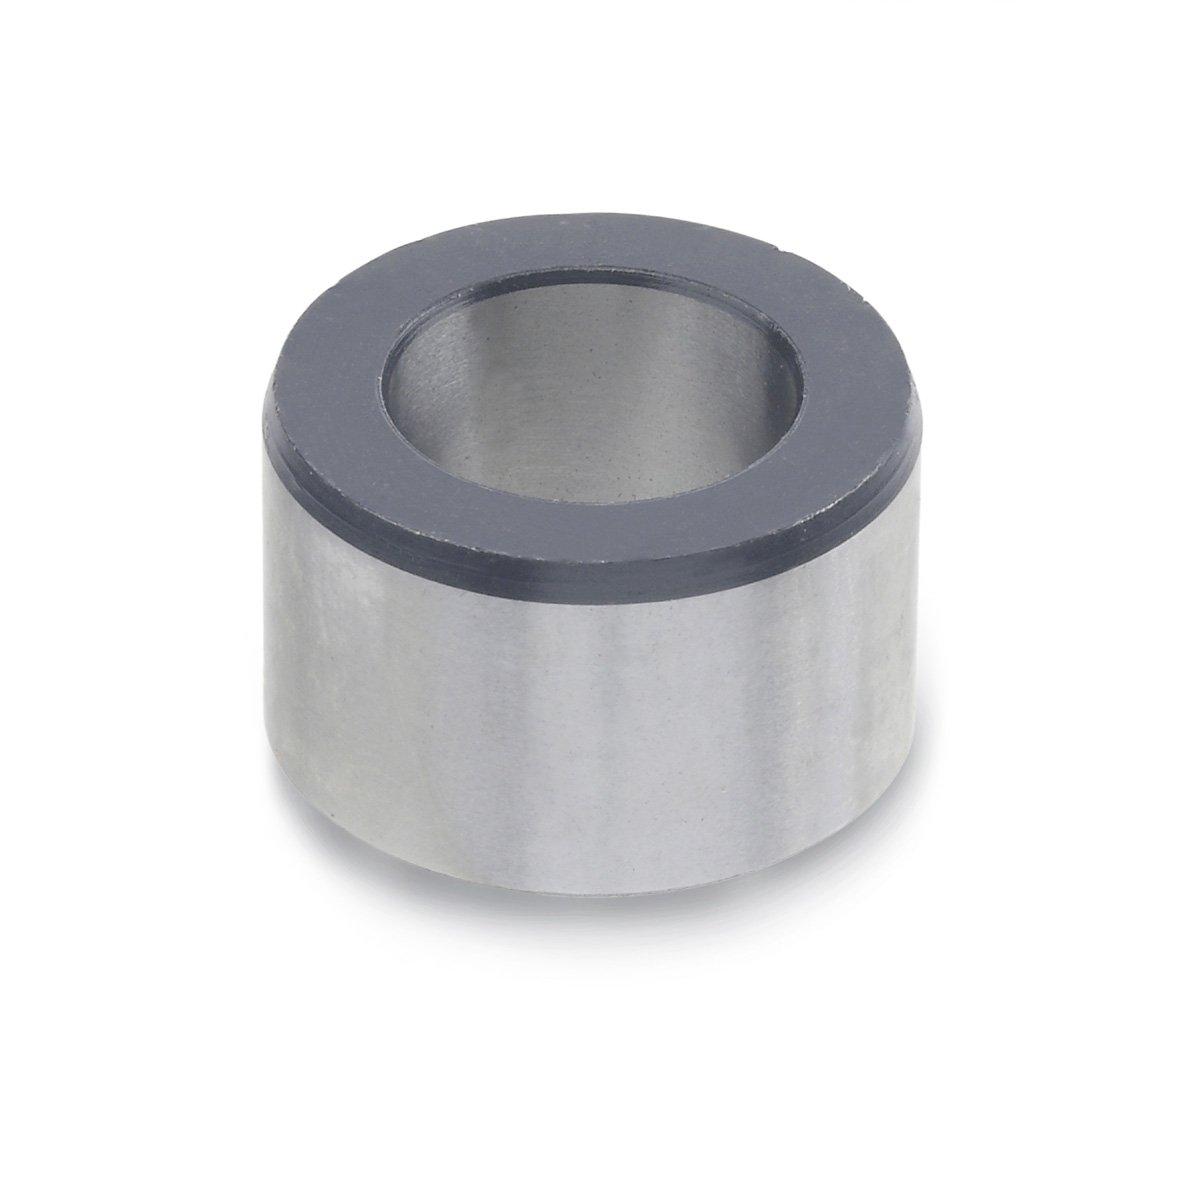 Steel Winco DIN179A0280 DIN179A Drill Bushing J.W B10.5 x 12 x 18 mm